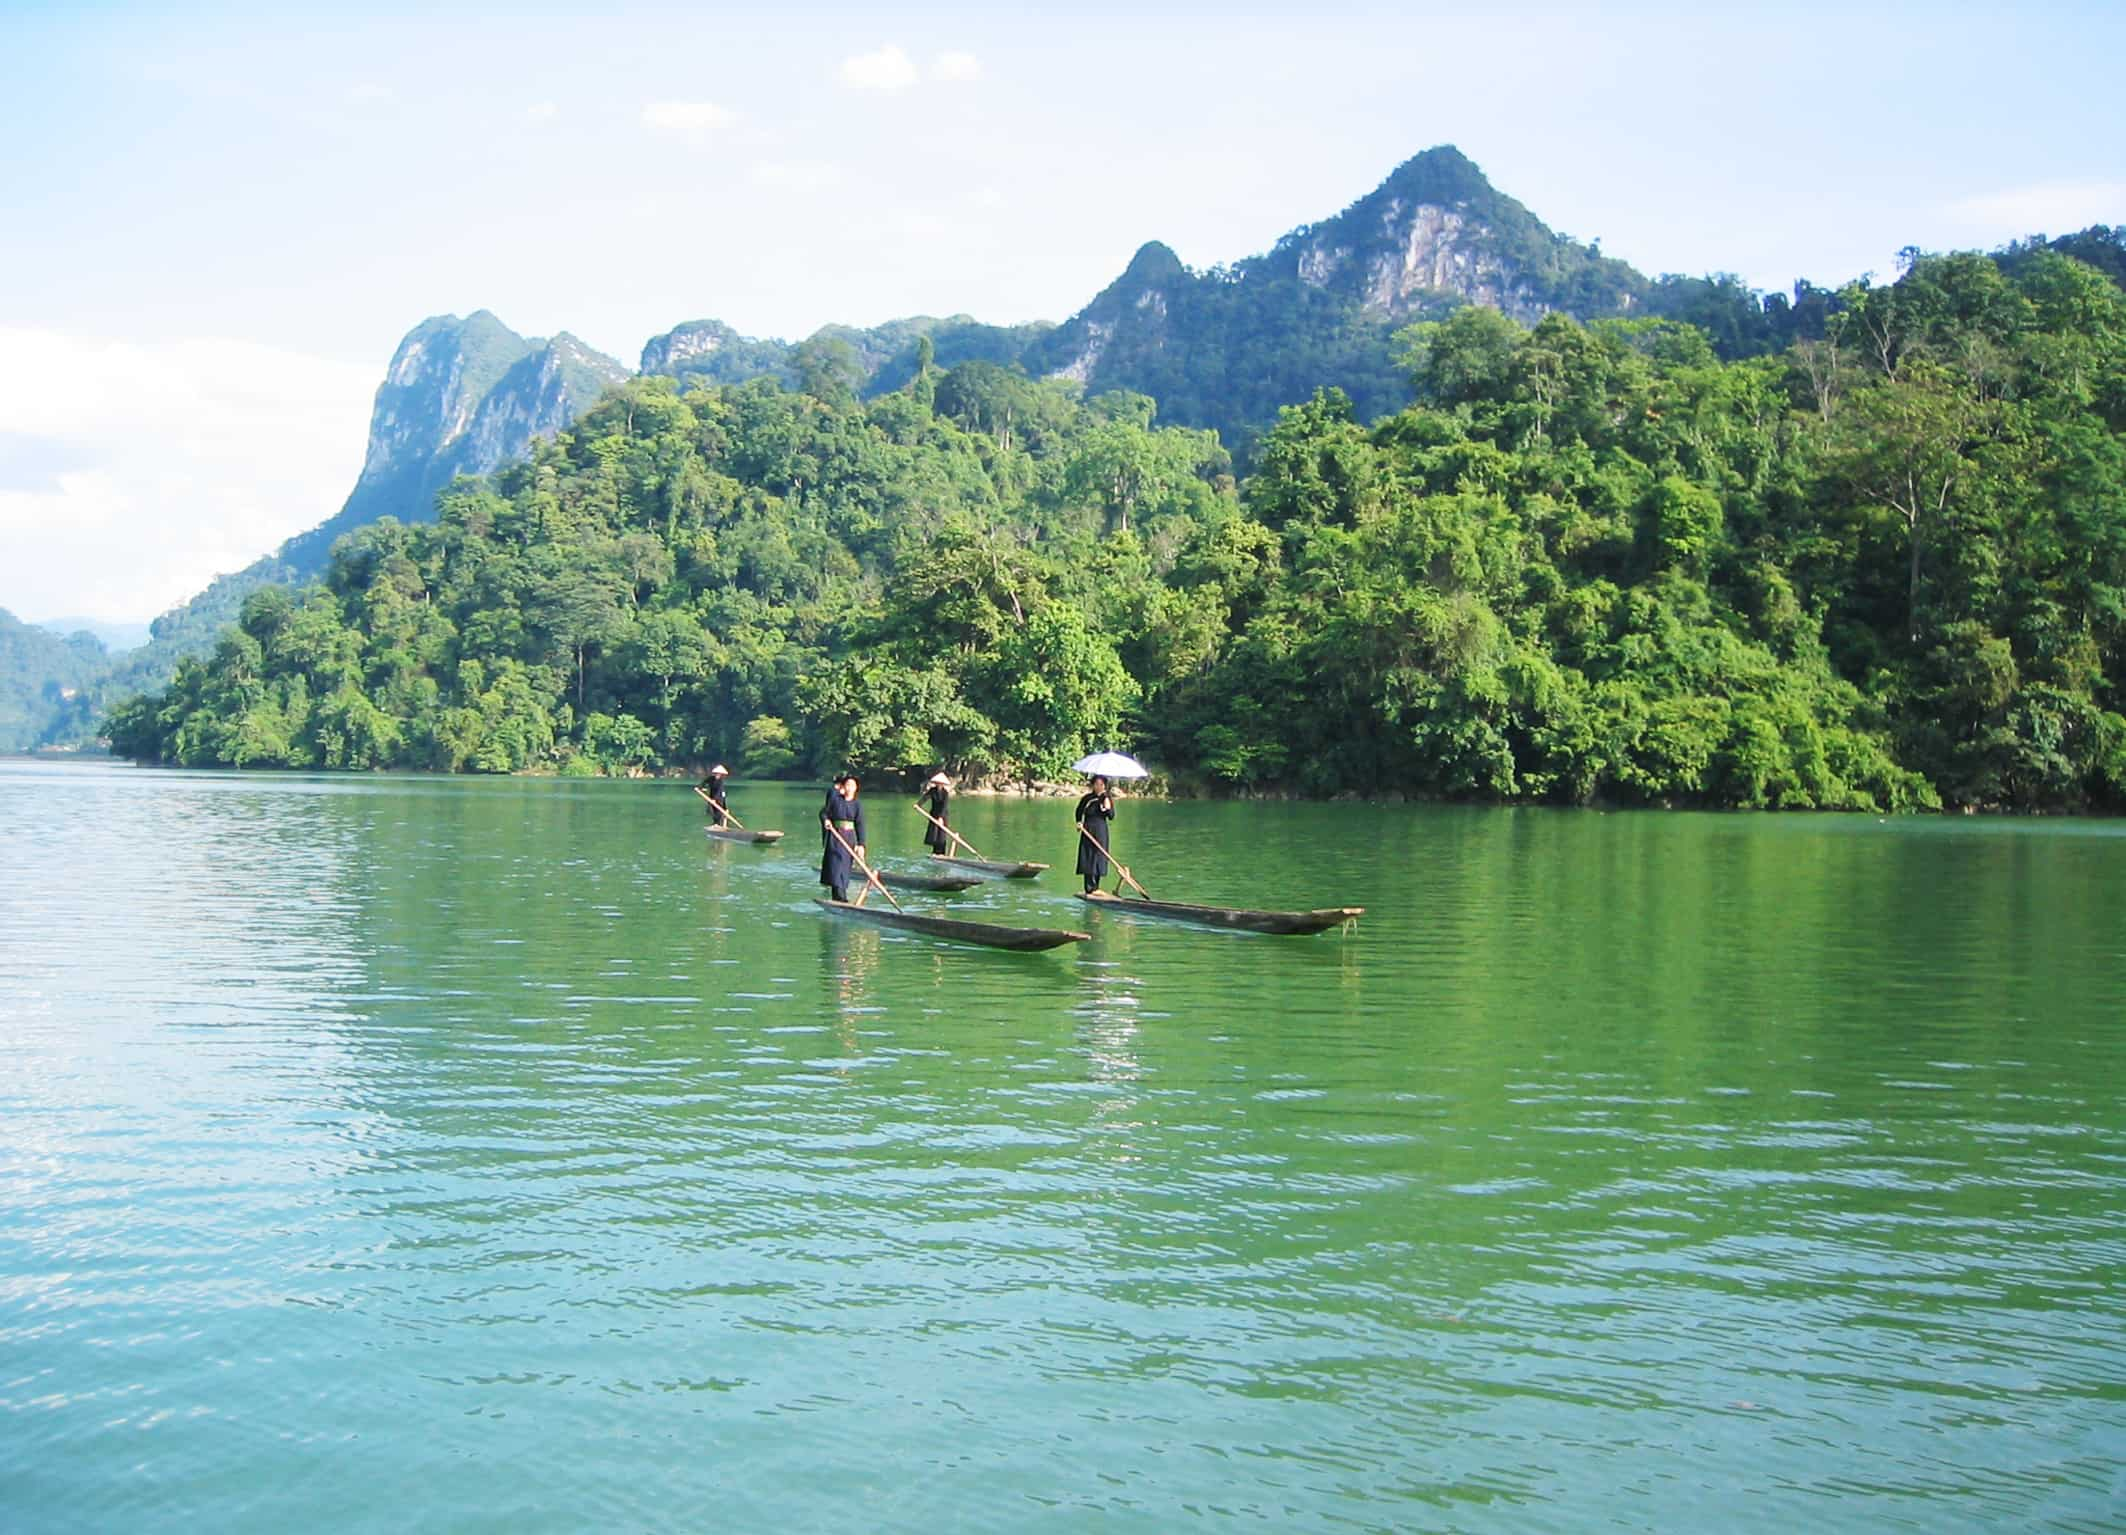 các hoạt động thú vị trên mặt hồ